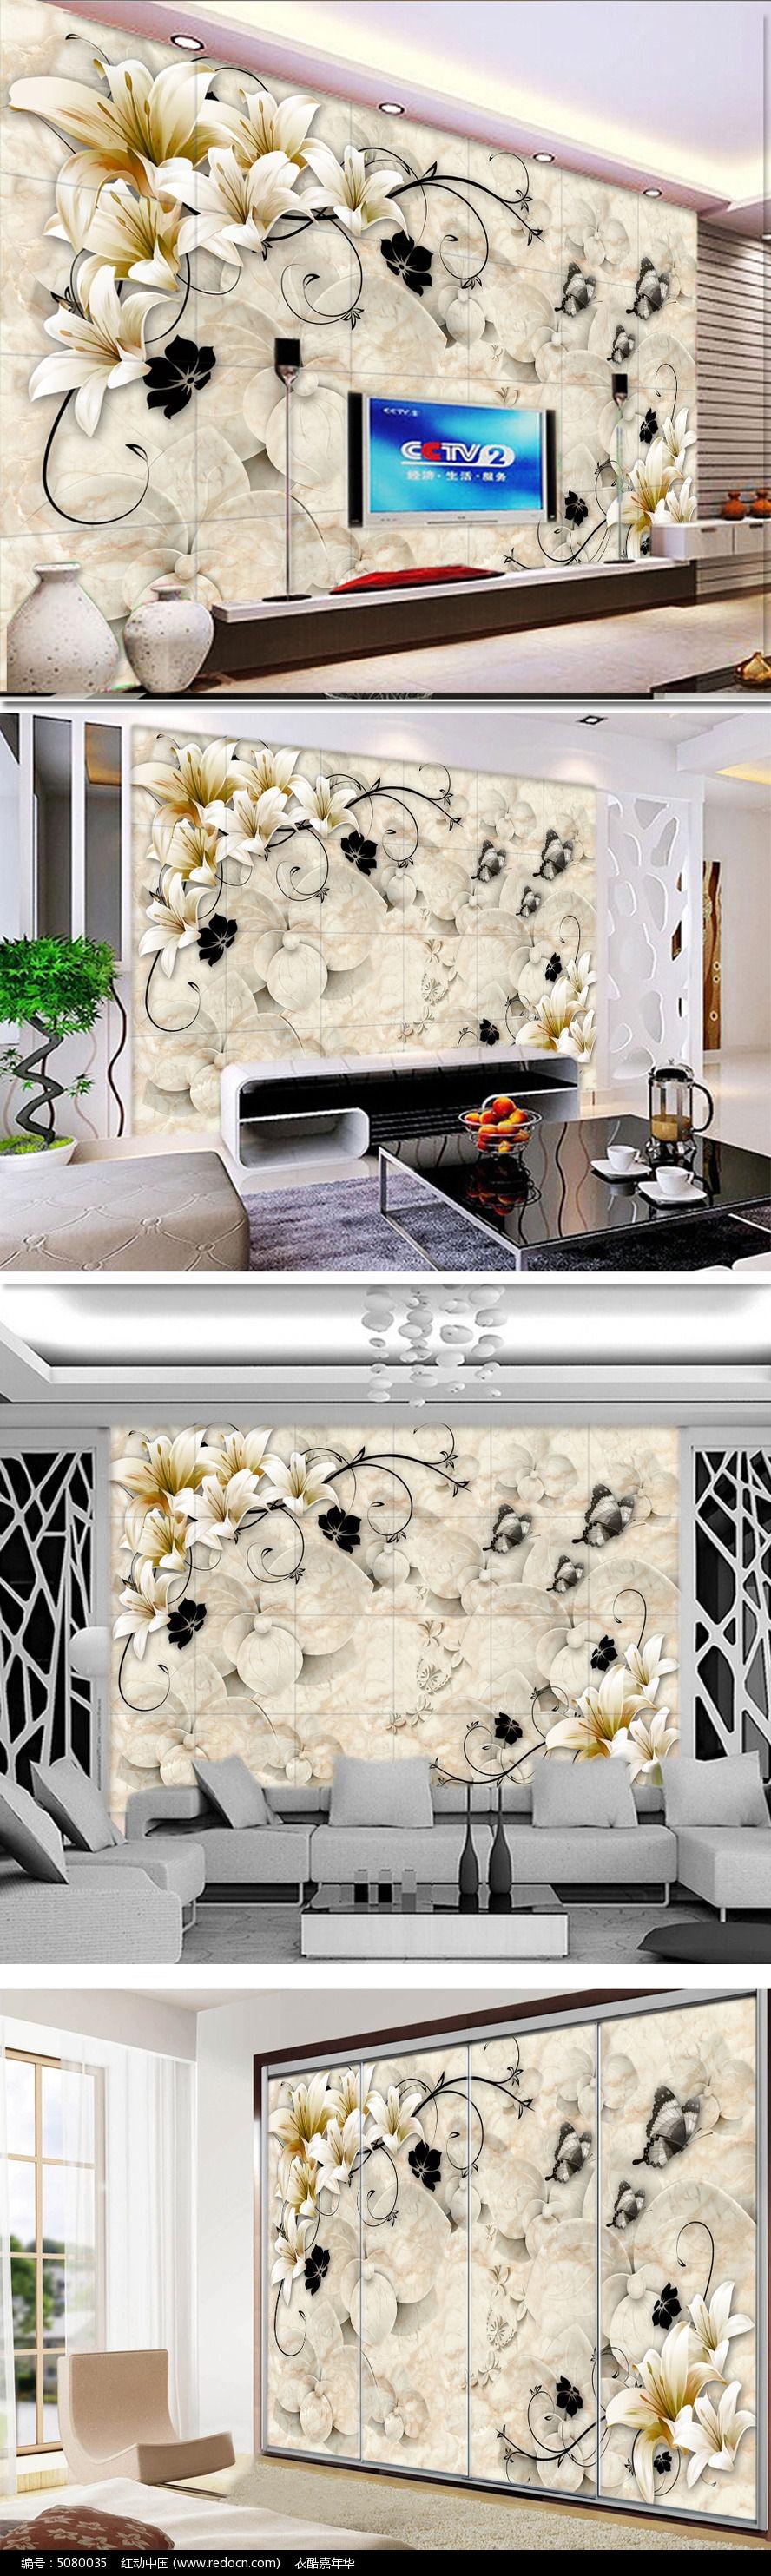 欧式精品花纹客厅大理石电视背景墙画壁纸psd素材